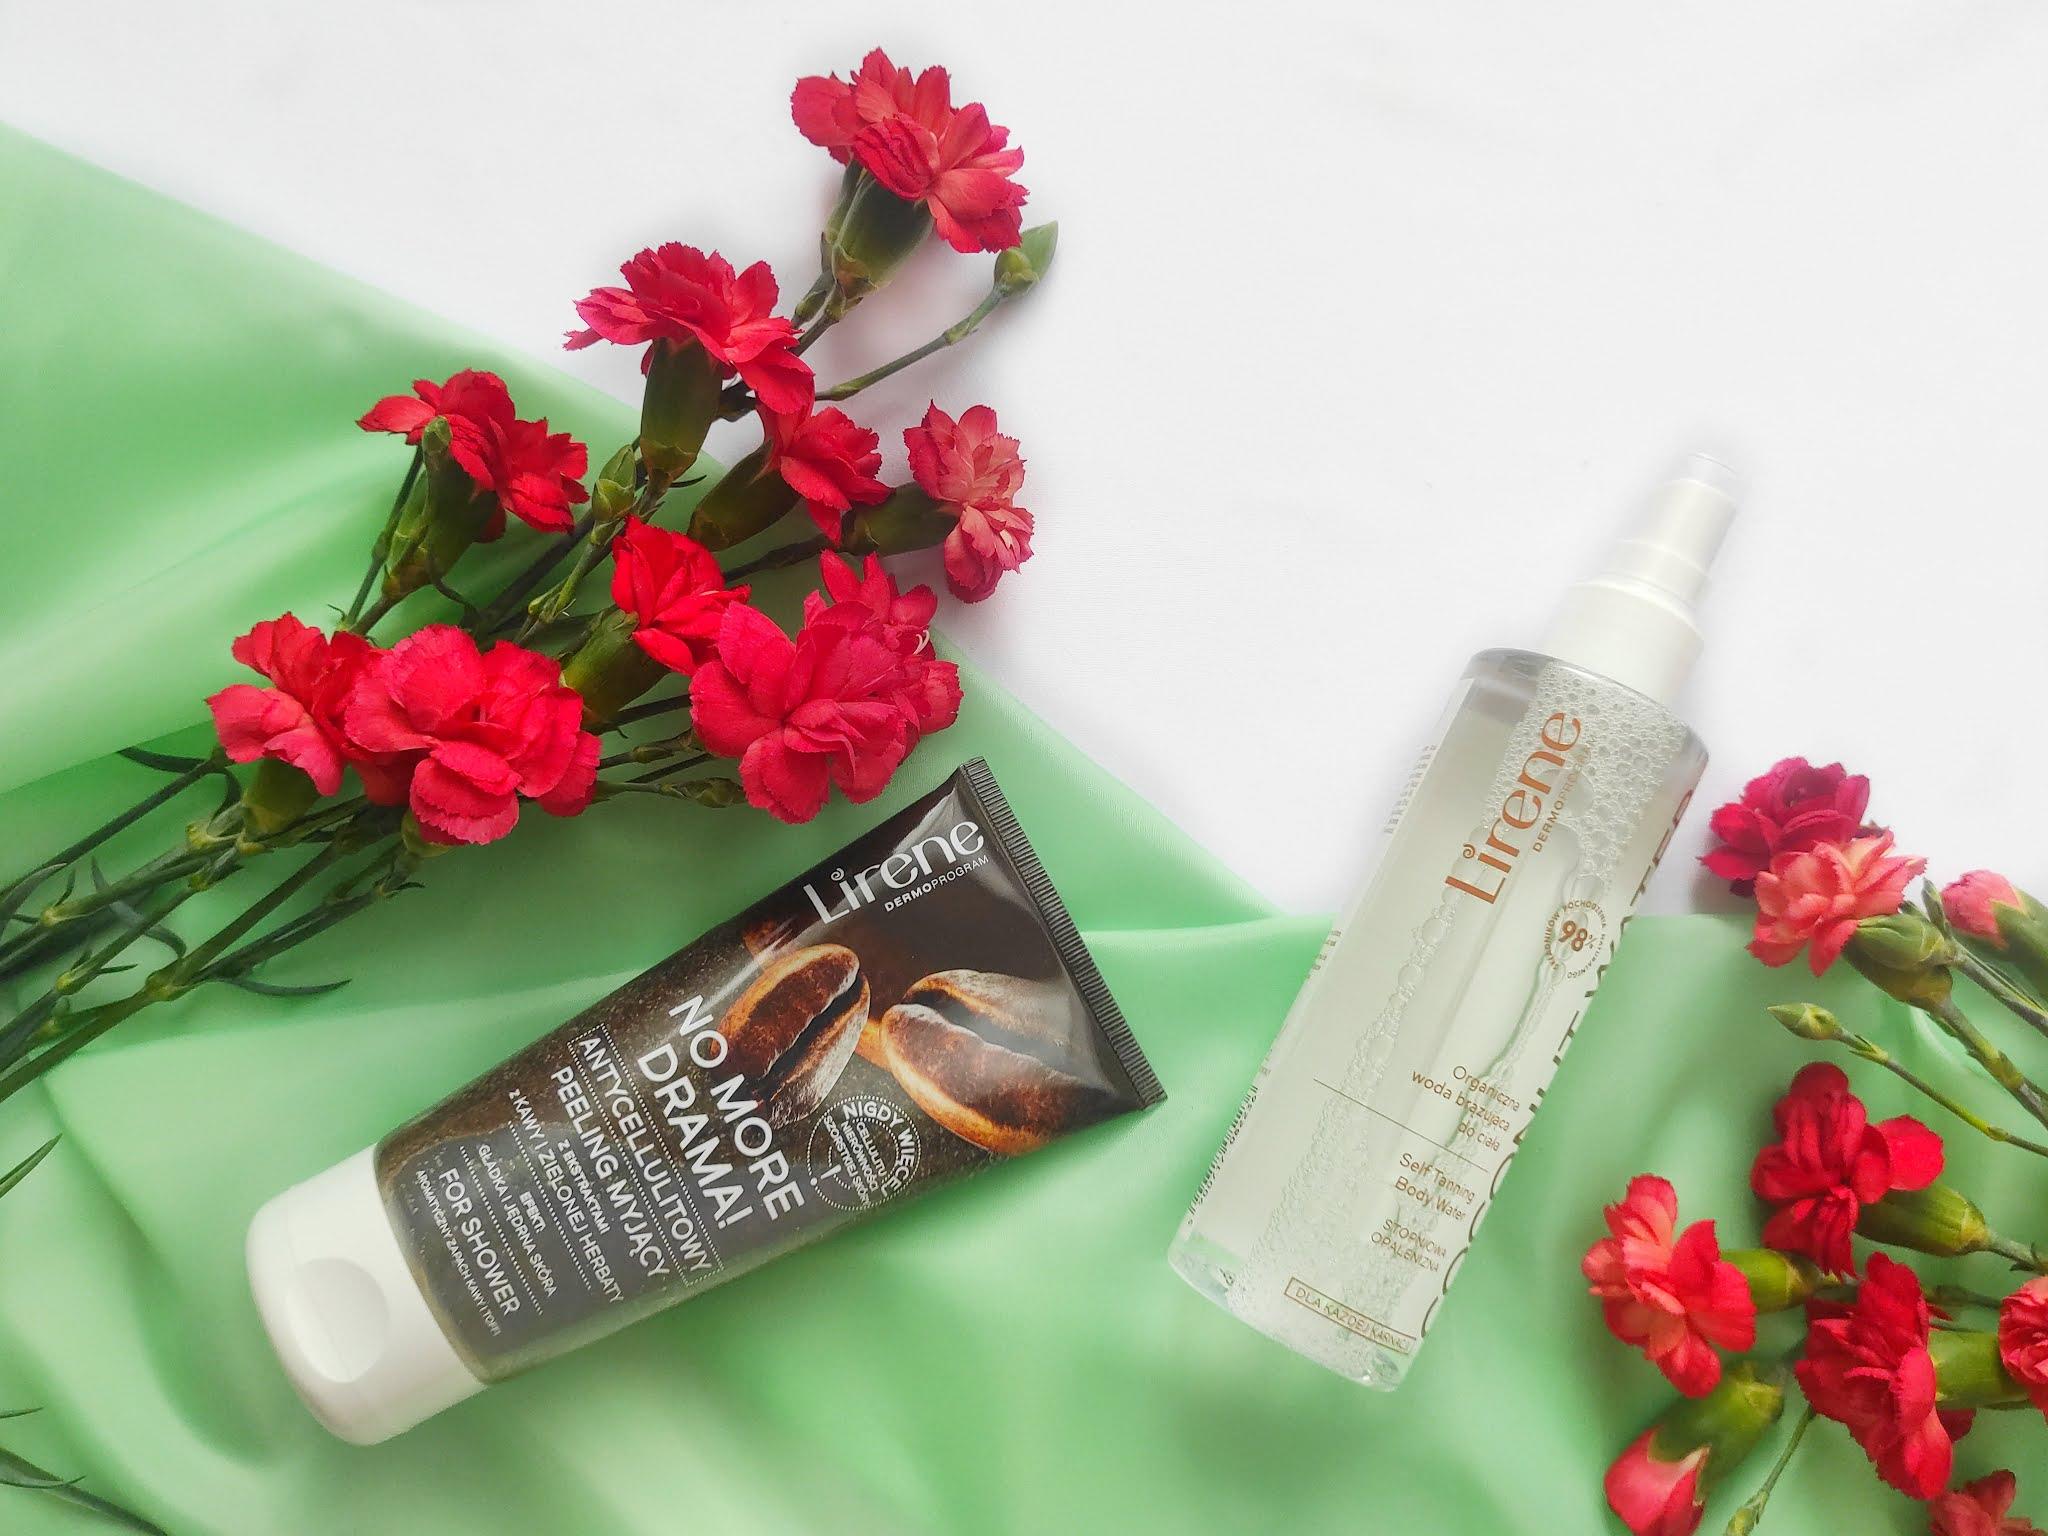 Kosmetyki Lirene: peeling myjący No More Drama i woda brązująca Coconut Water